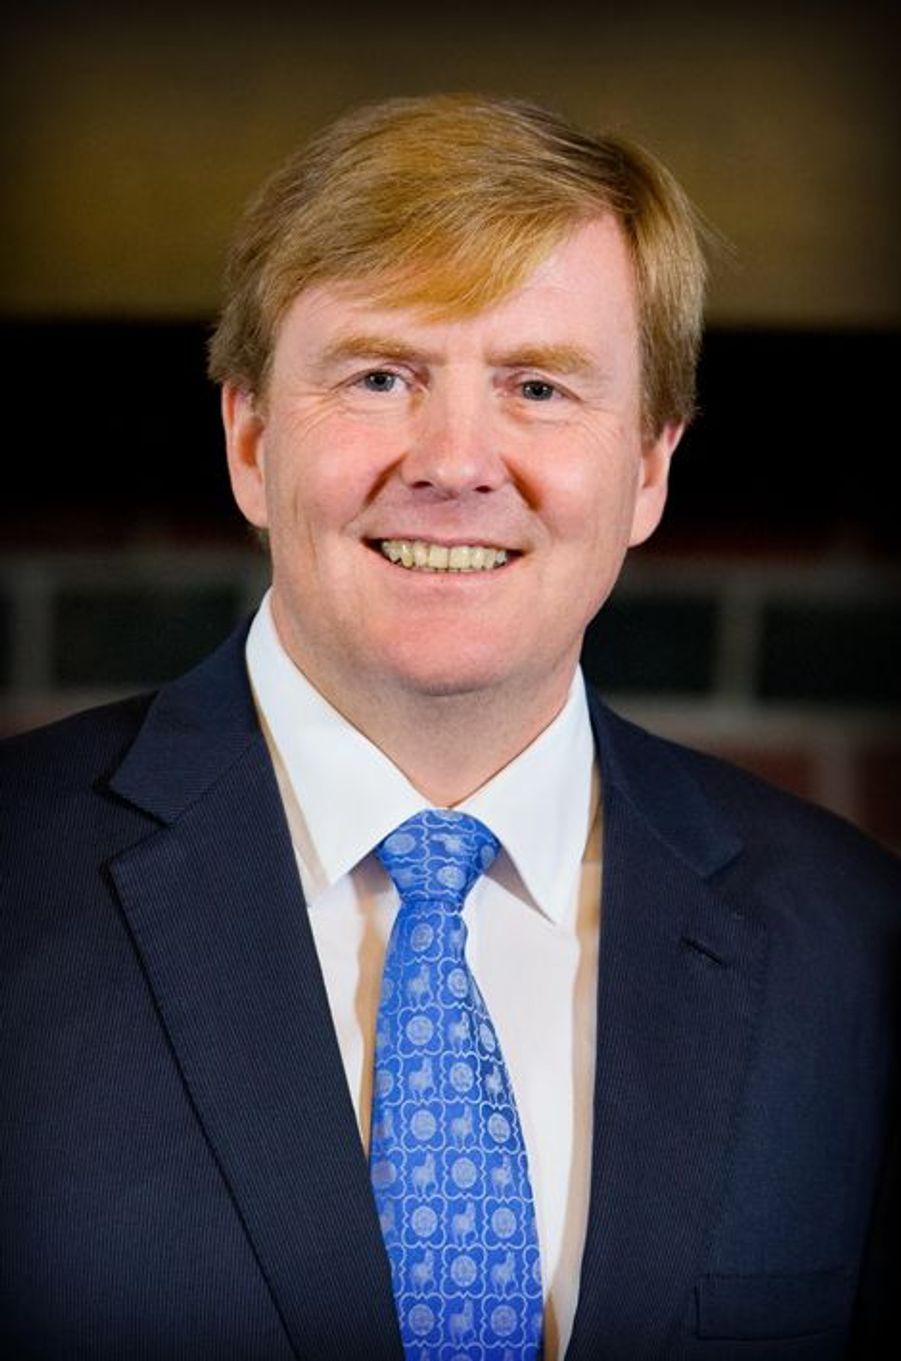 Le roi Willem-Alexander des Pays-Bas à La Haye, le 18 octobre 2014